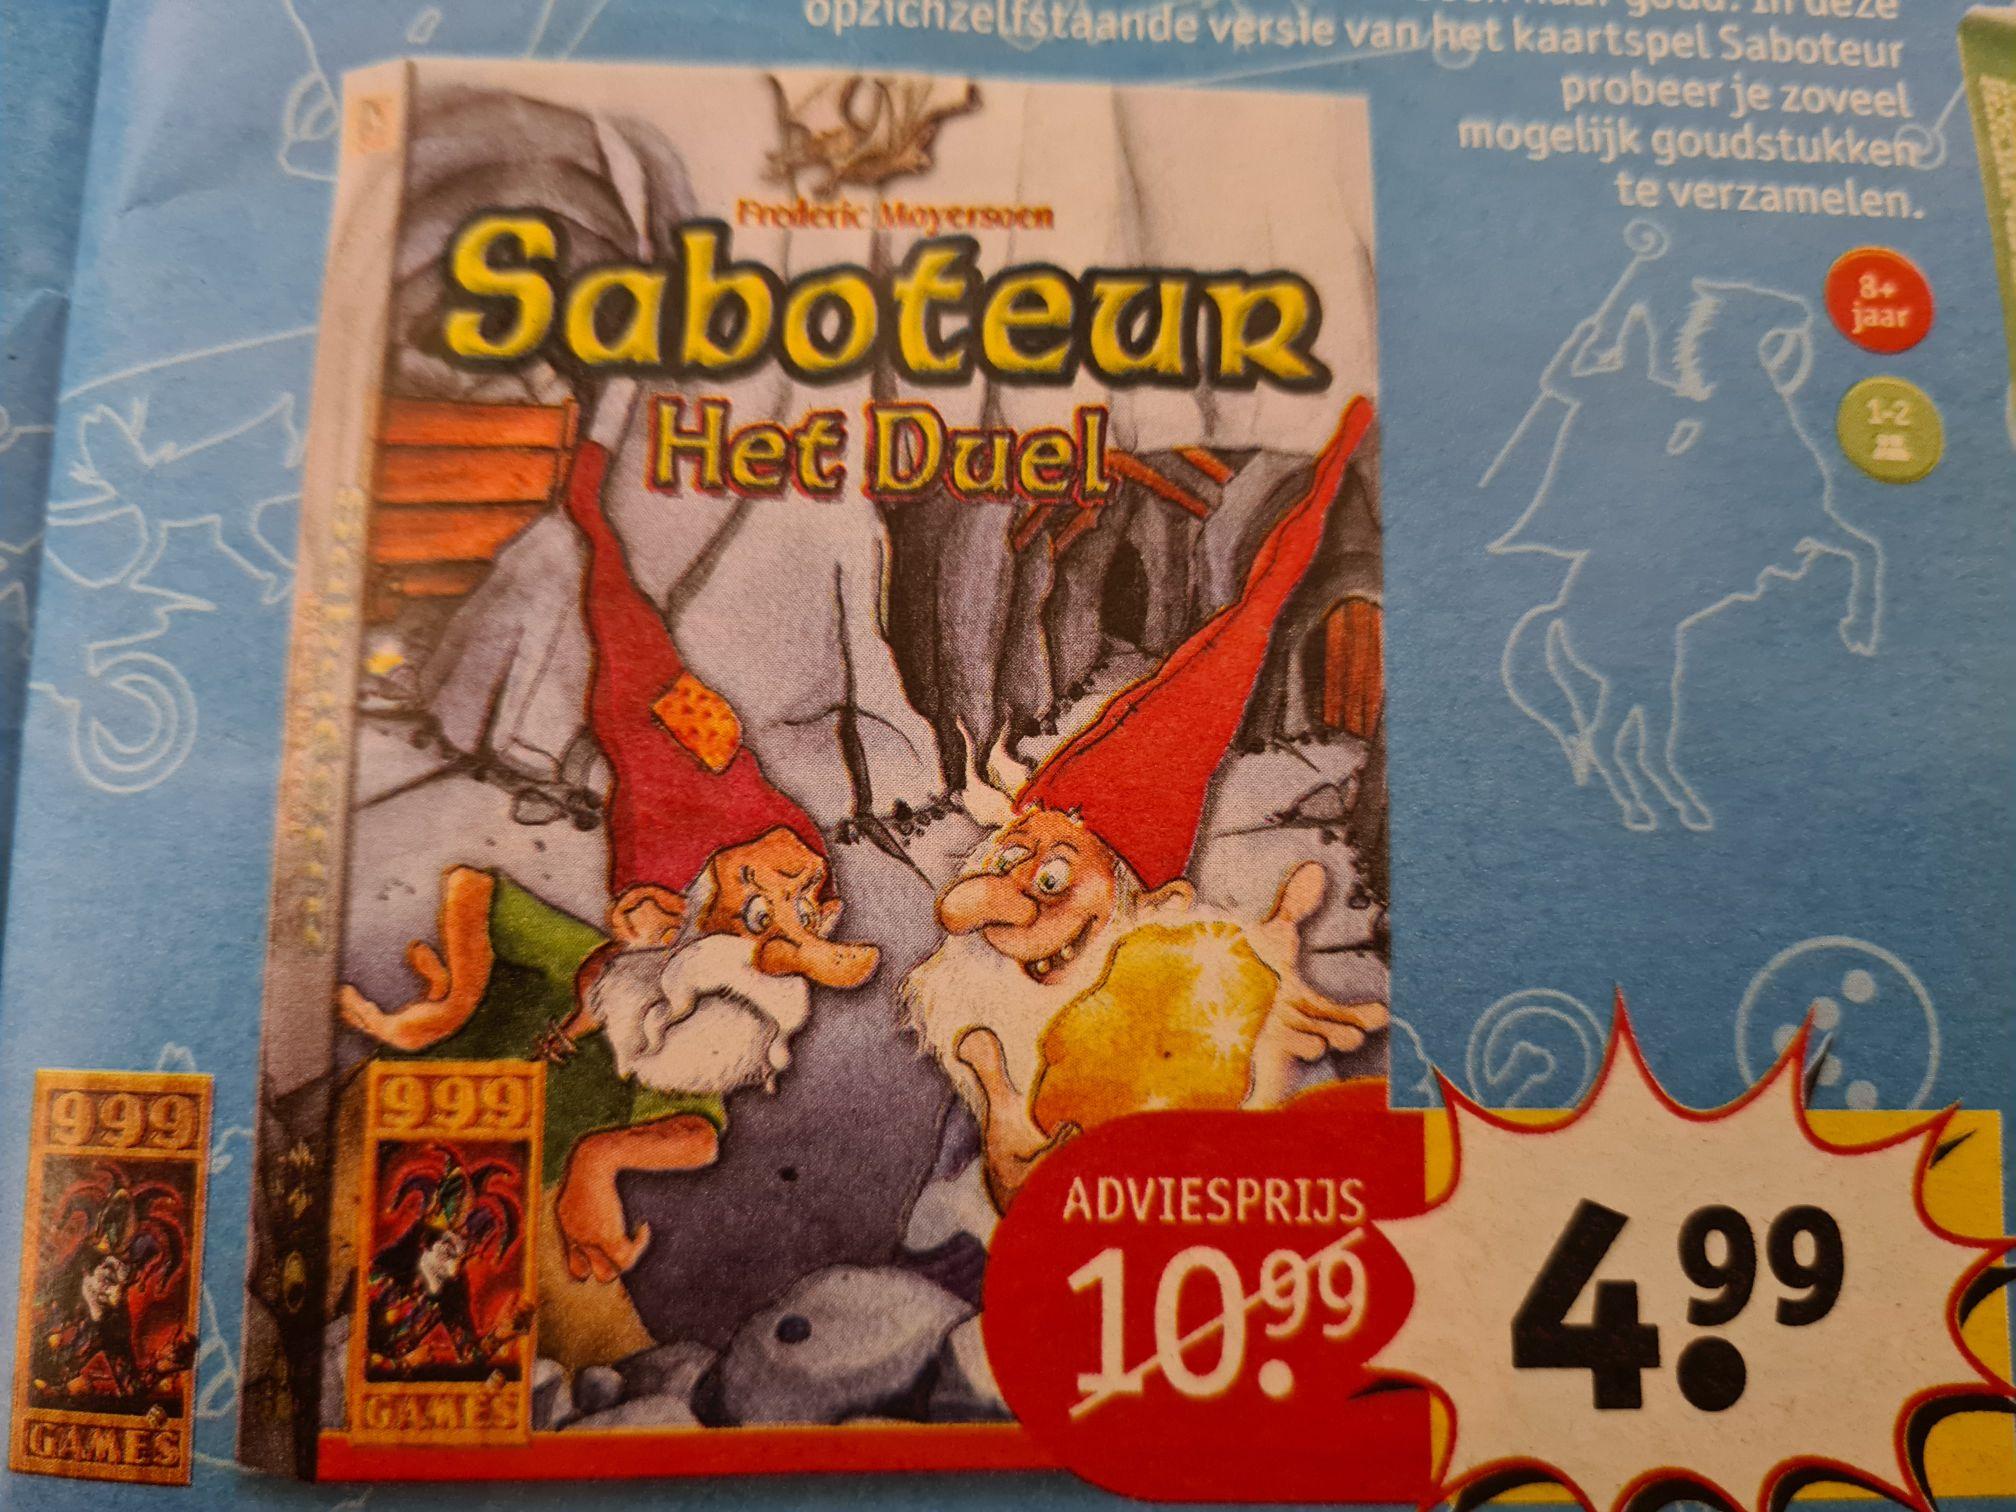 Saboteur, Het Duel voor €4,99 bij Kruidvat (17-11)